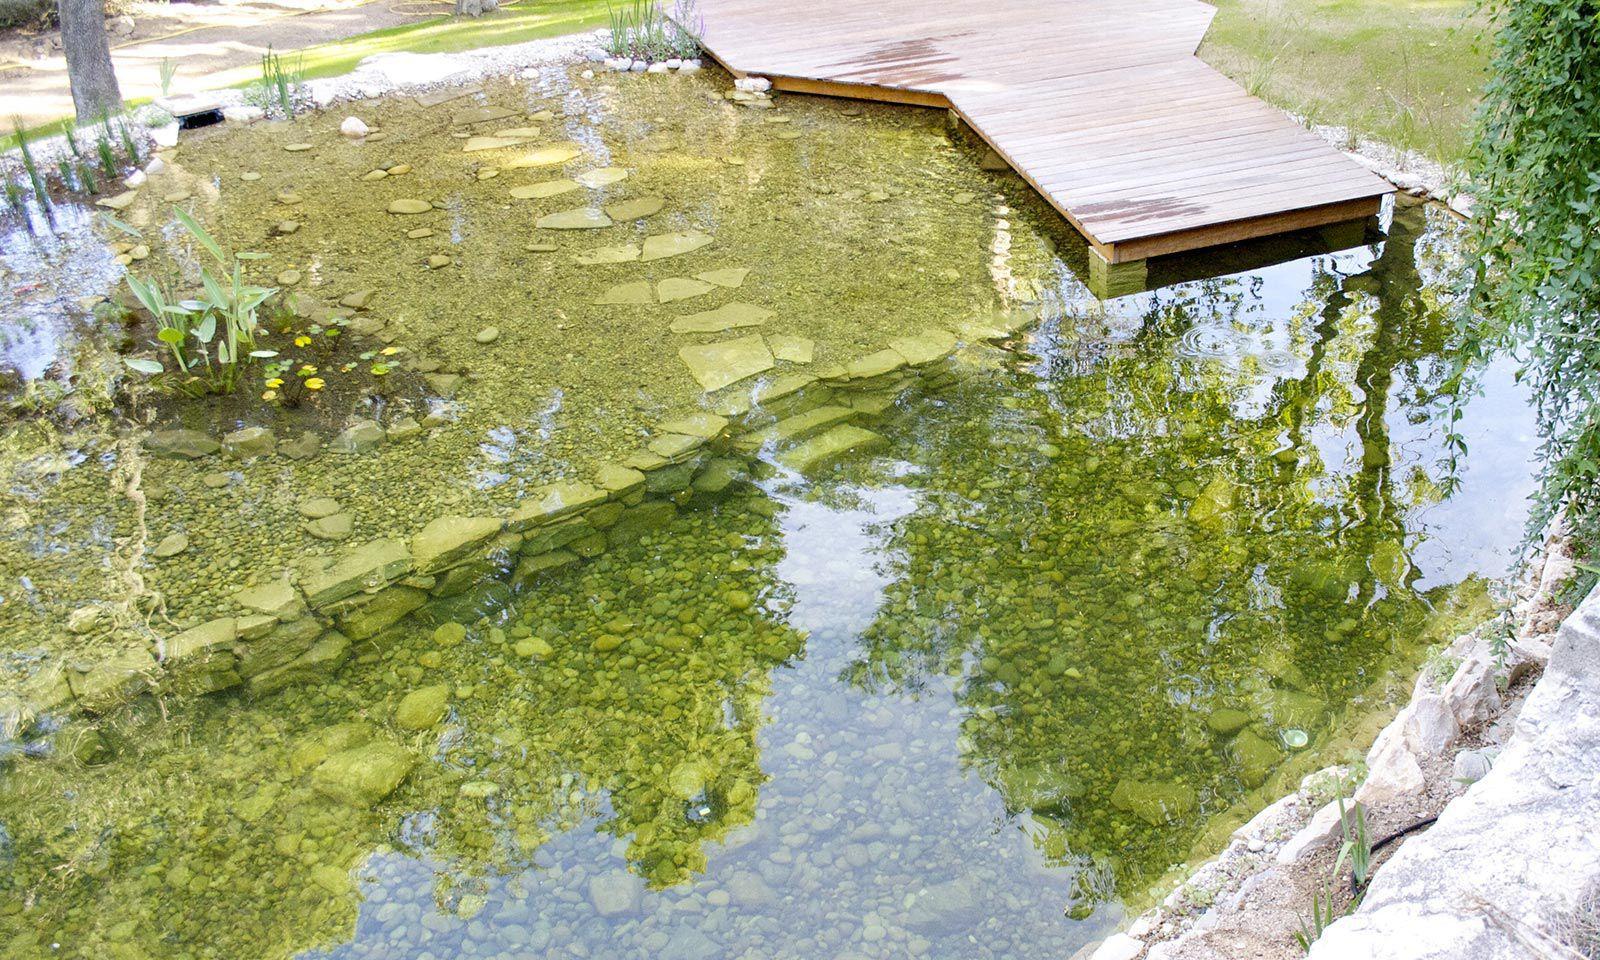 Bassin De Jardin En Pierre - 1/15 - By Olivier Clavel concernant Bassin De Jardin En Pierre